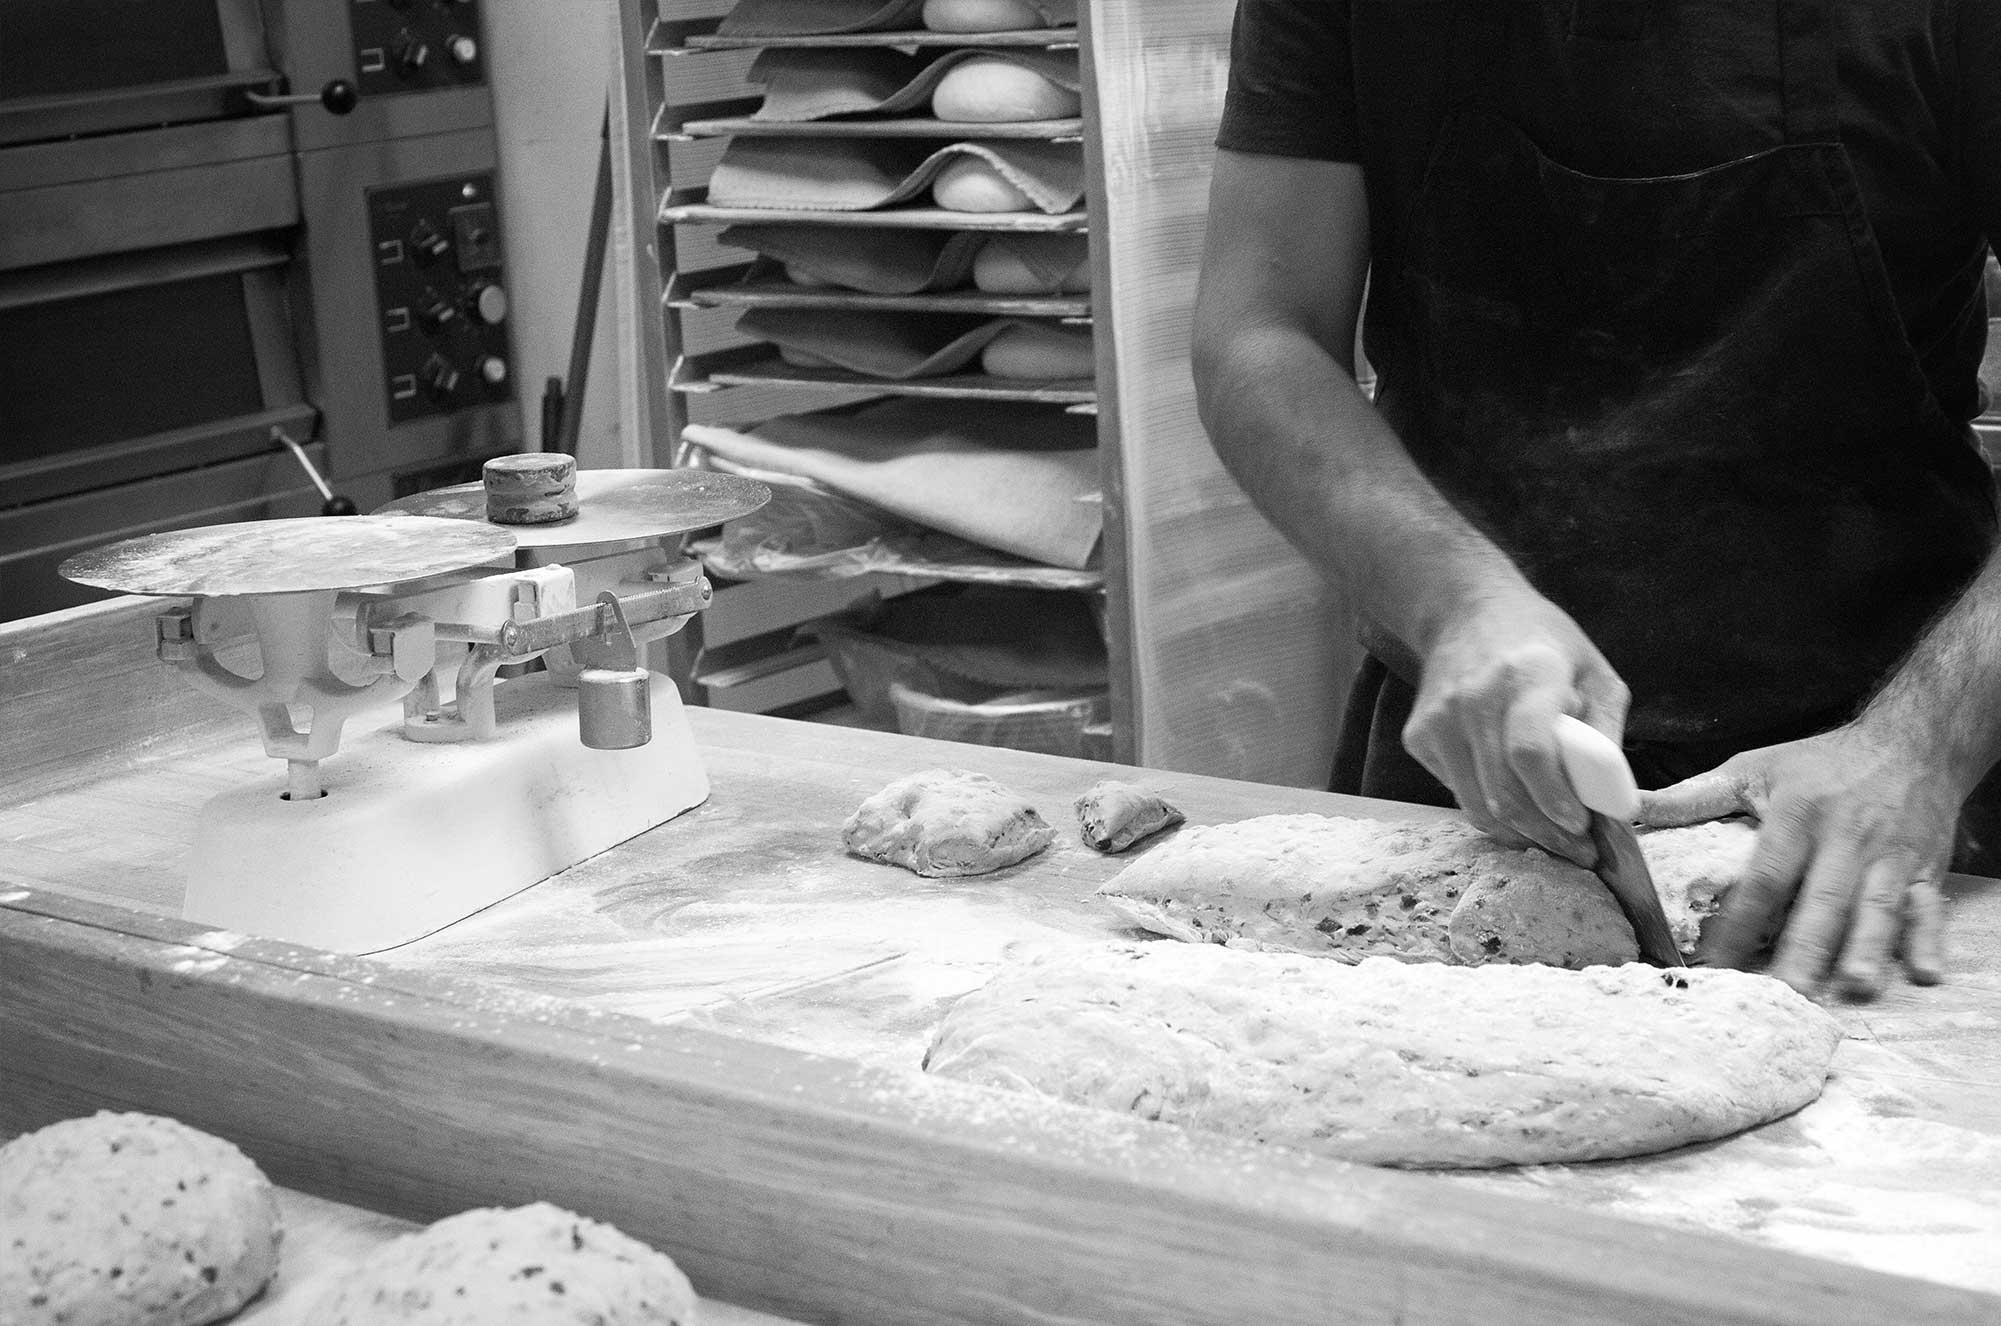 makingbread